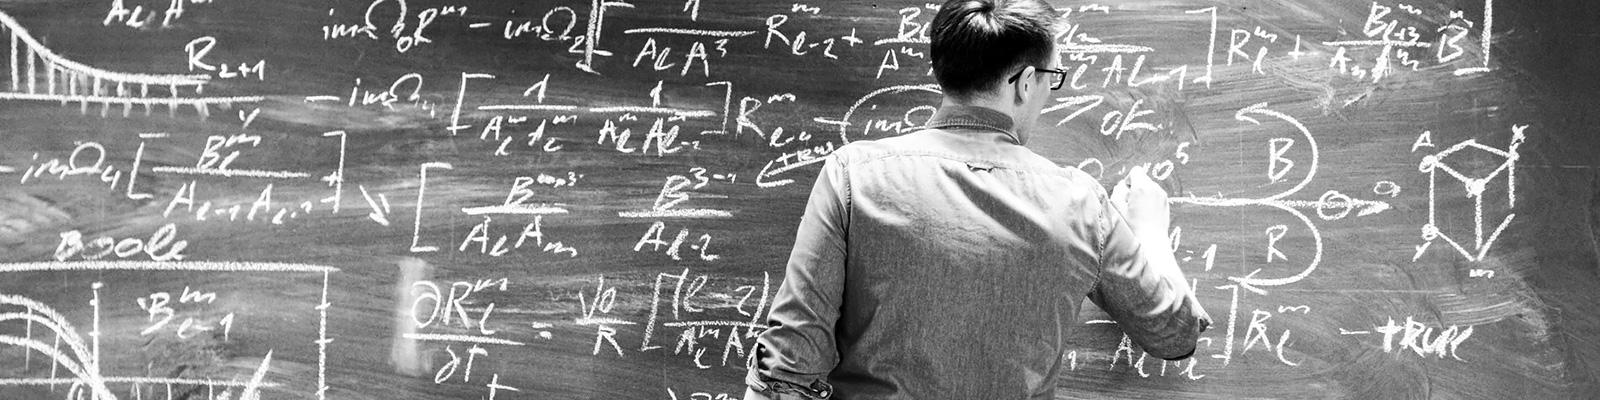 数学 数学者 探求 イメージ